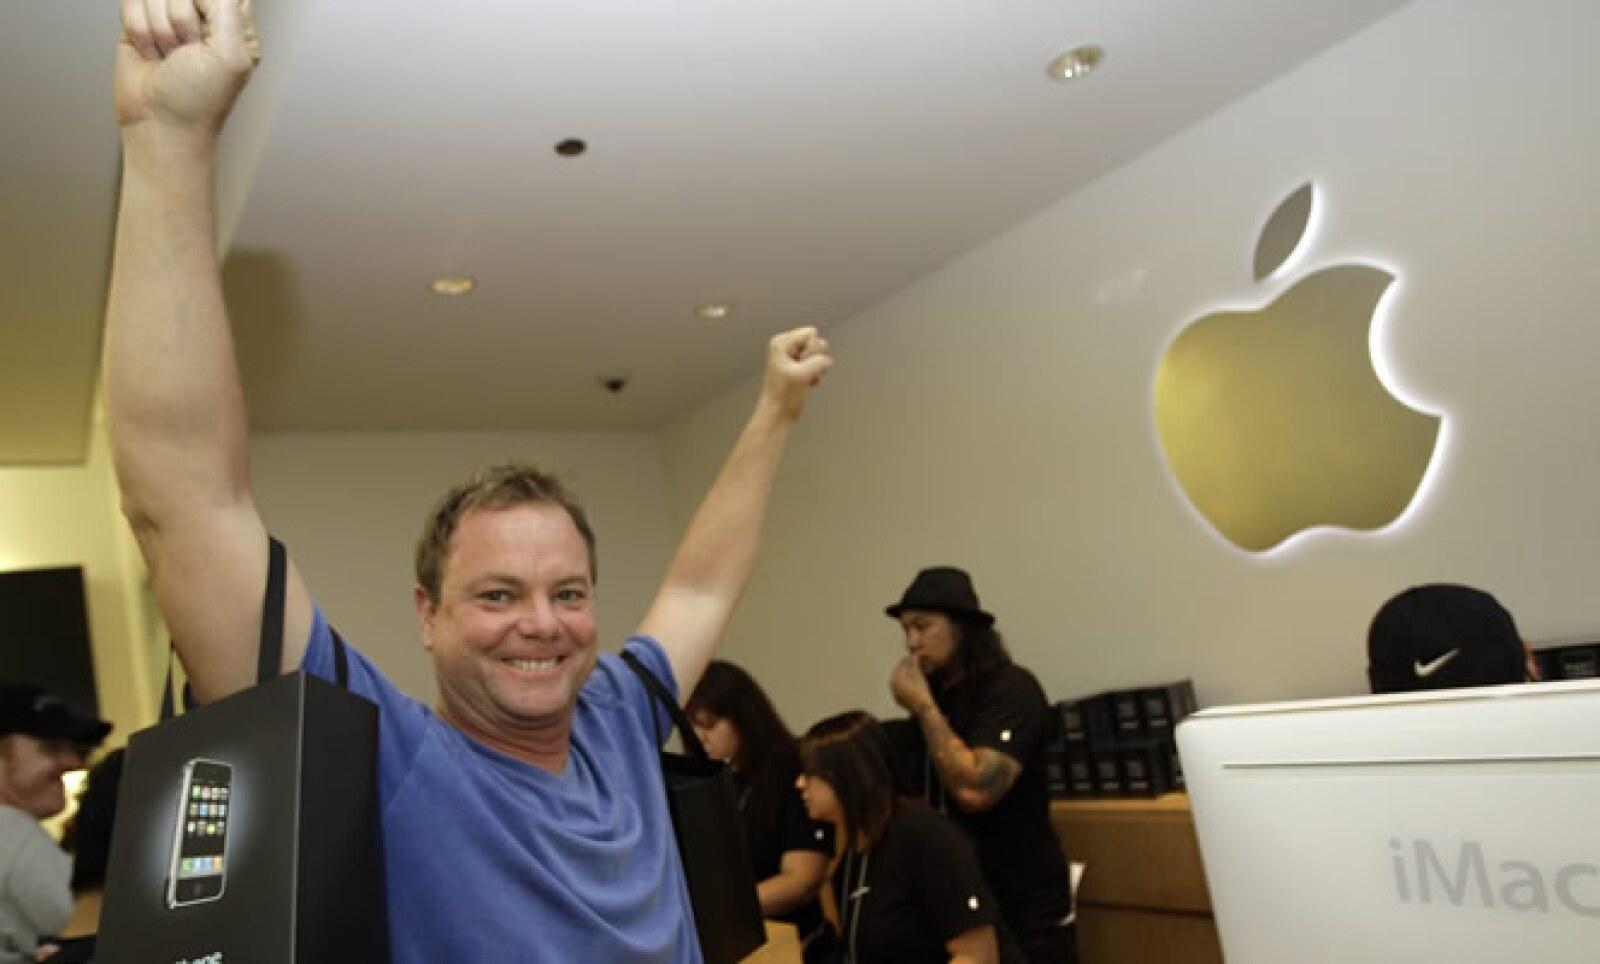 La primera generación del iPhone vendió 6.1 millones de unidades.